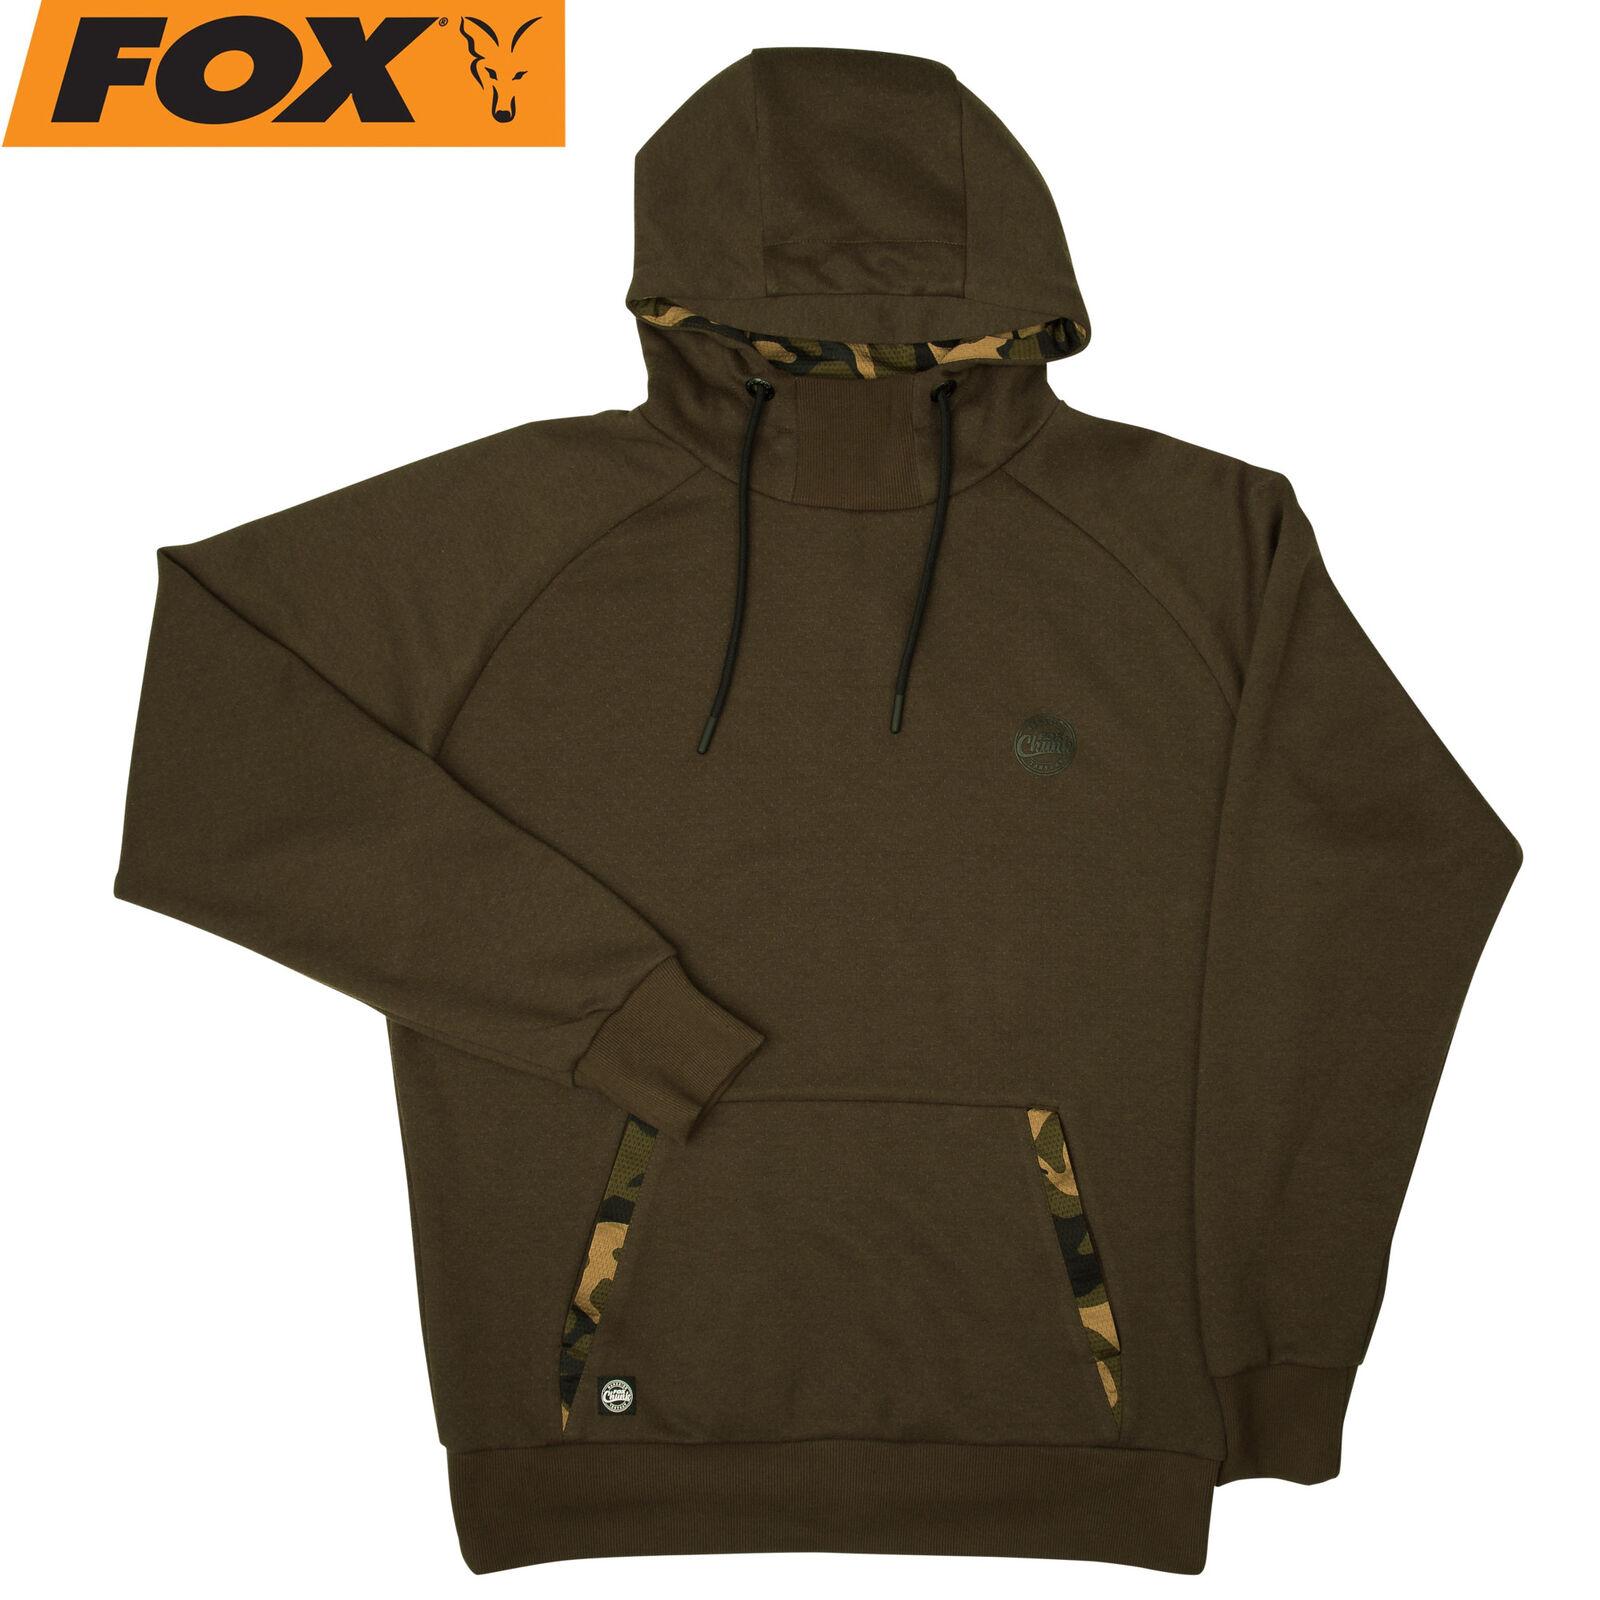 Fox Chunk Dark Khaki Camo Hoodie - Angelpullover Pullover für für für Karpfenangler 551d85